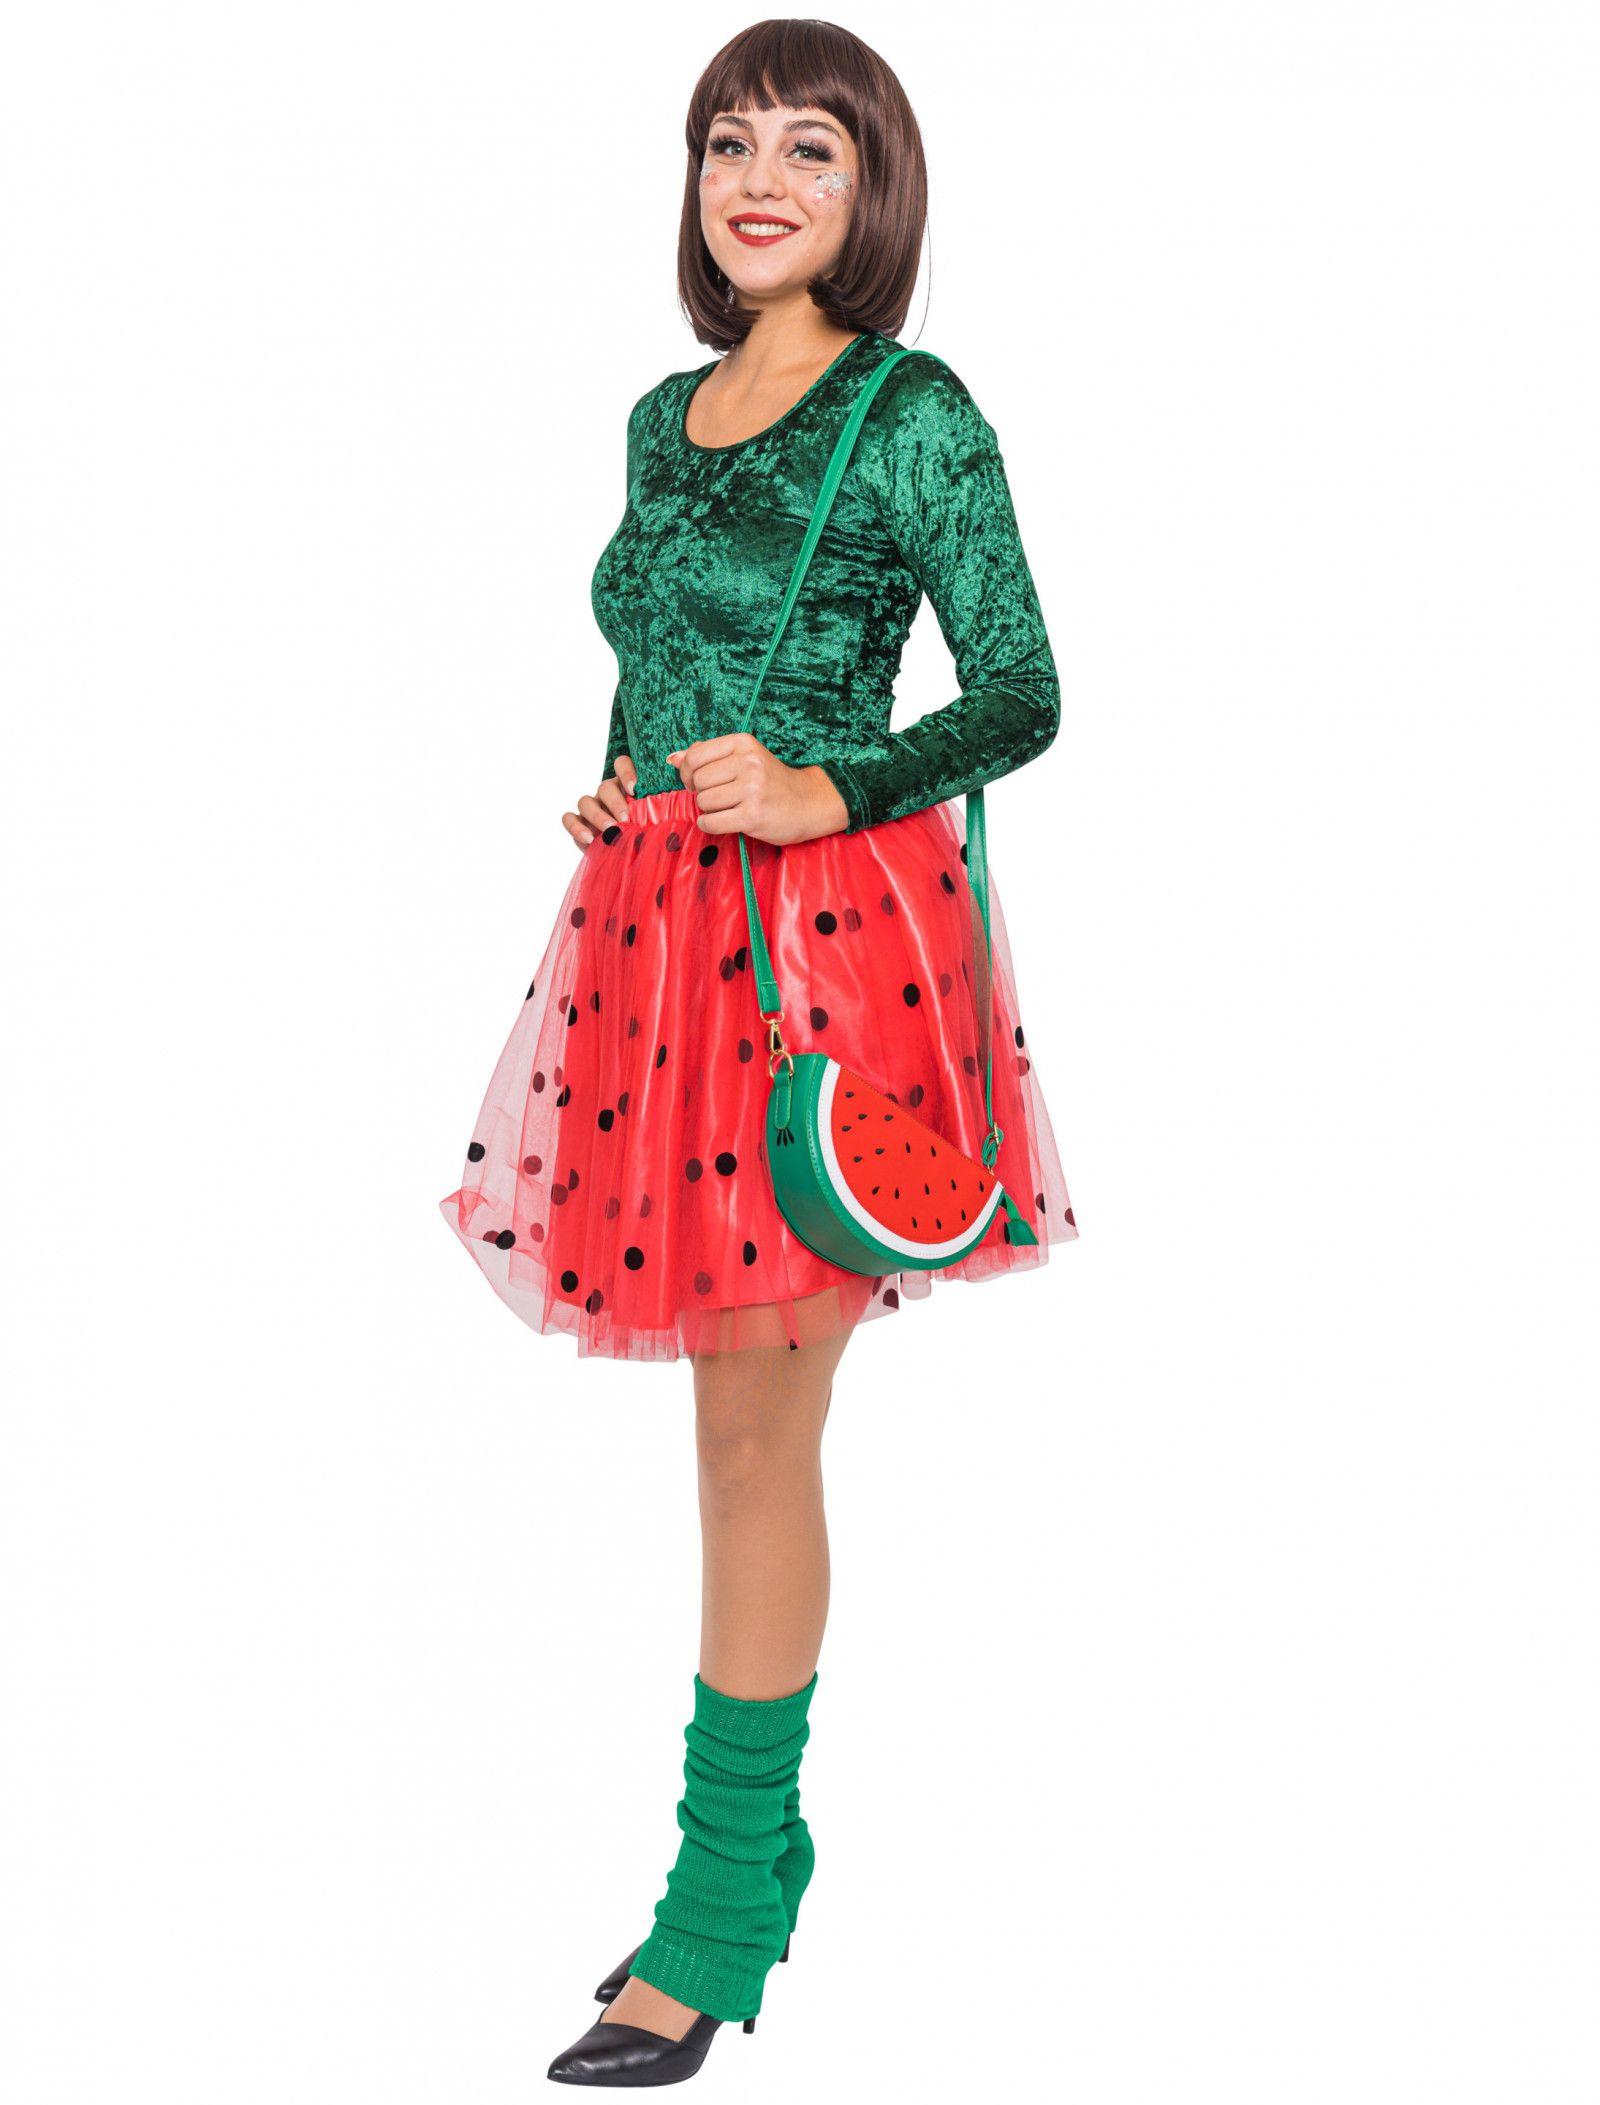 Deiters - Wassermelone Kostüm Damen